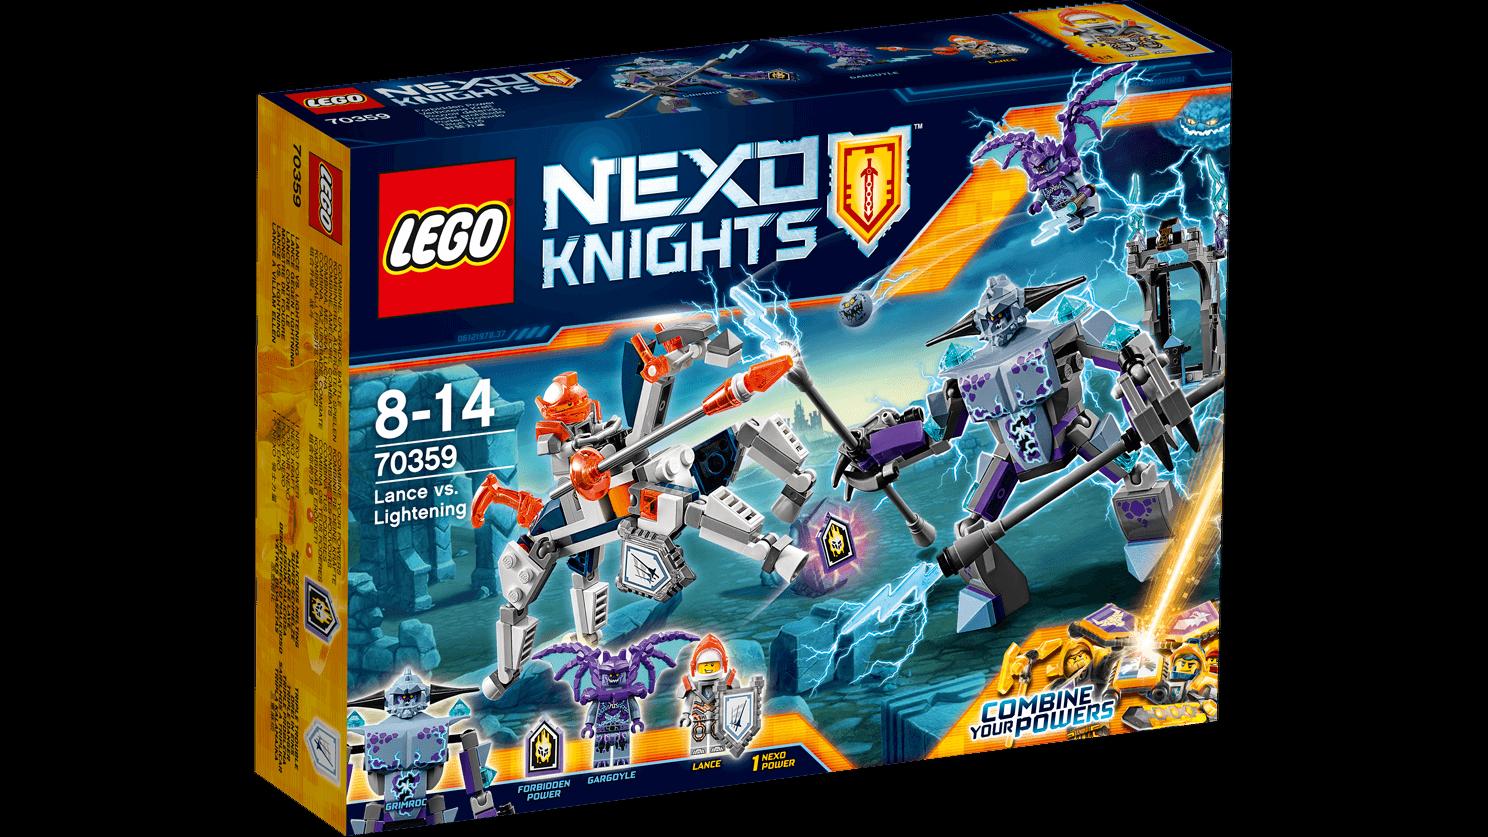 LEGO ® Nexo Knights ™ 70359 lance contre Lightning nouveau neuf dans sa boîte _ NEW En parfait état, dans sa boîte scellée Boîte d'origine jamais ouverte